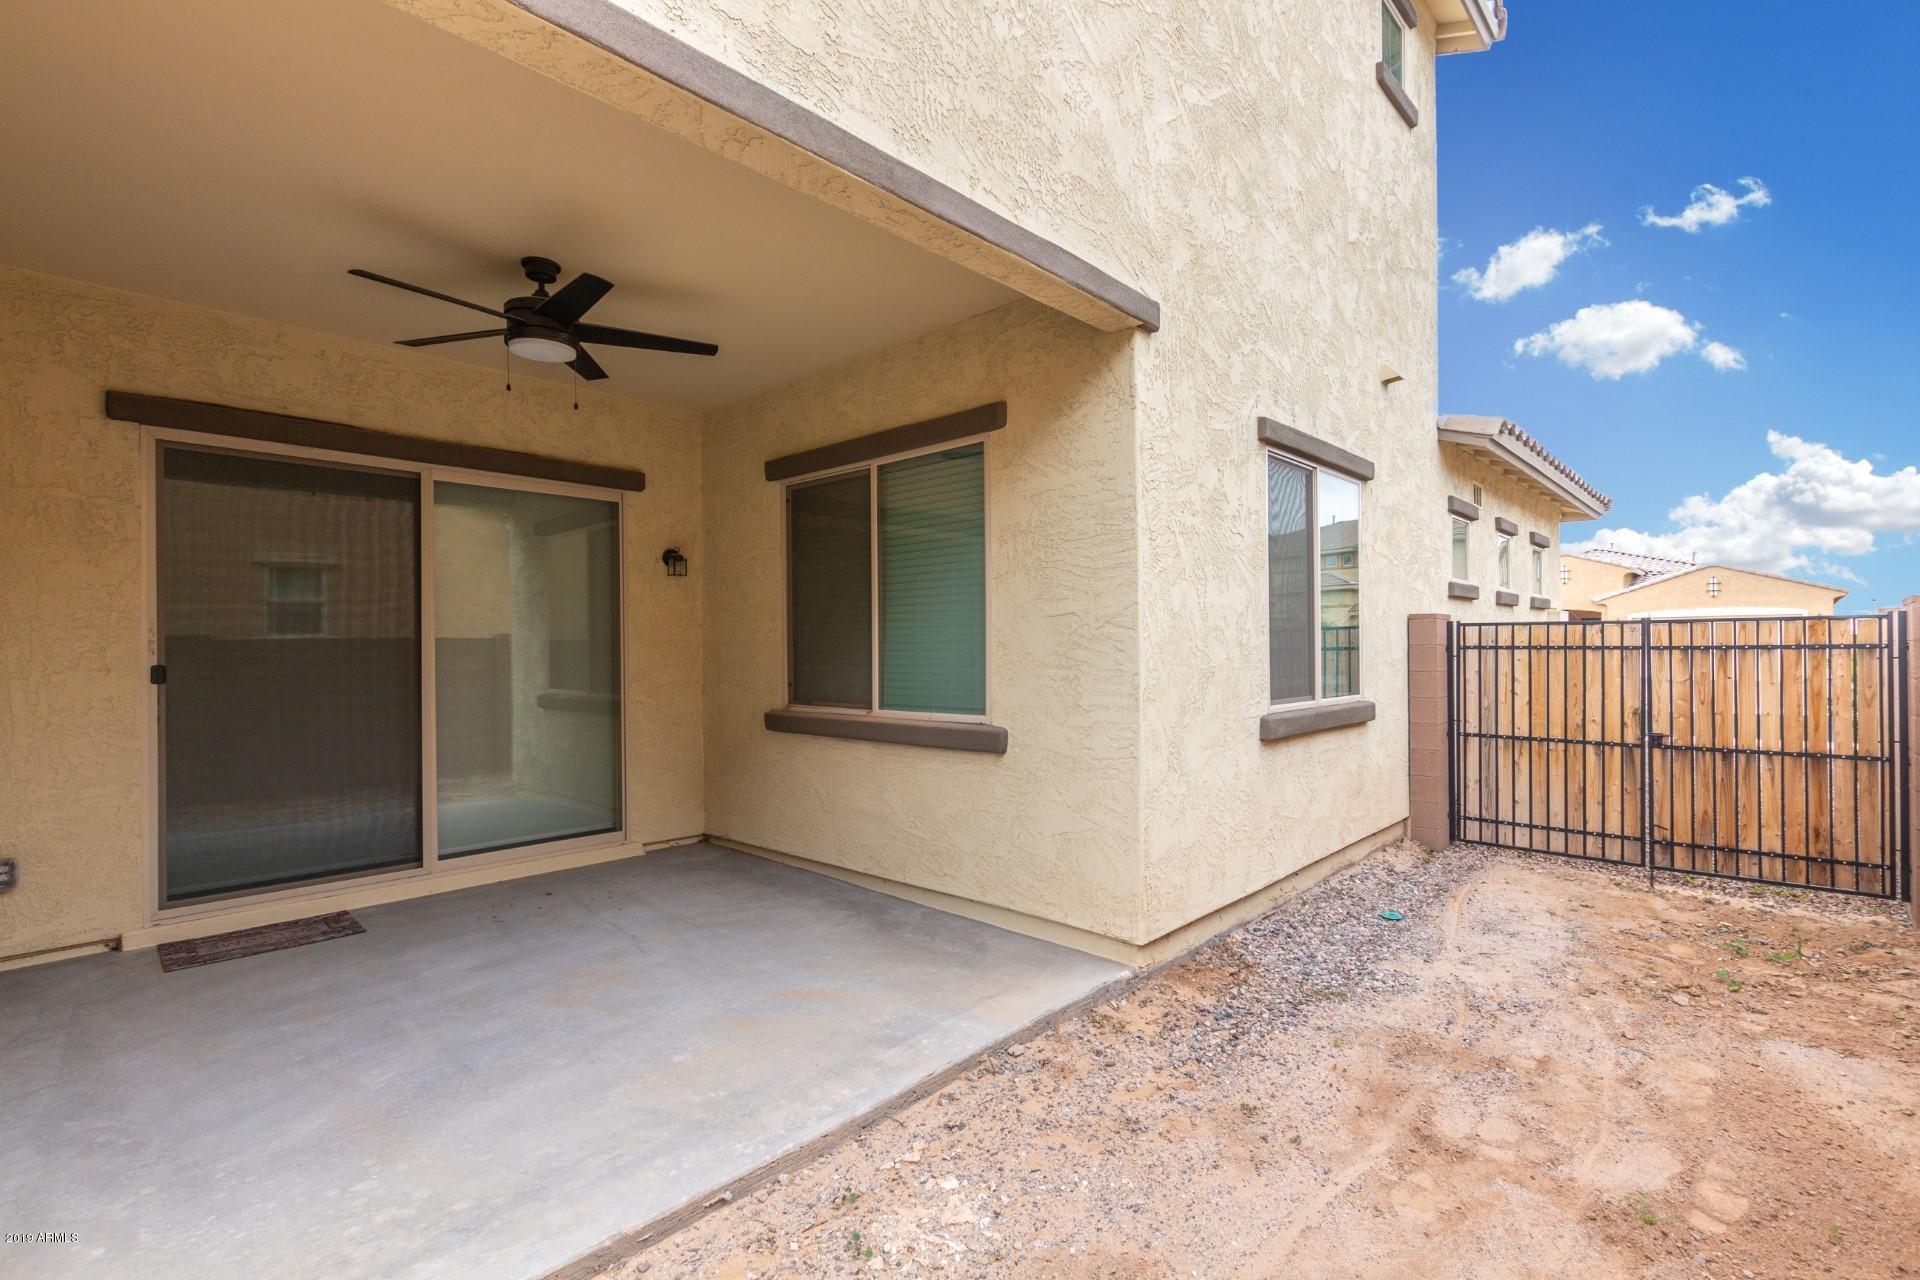 MLS 5875761 2655 E STACEY Road, Gilbert, AZ 85298 Gilbert AZ Adora Trails